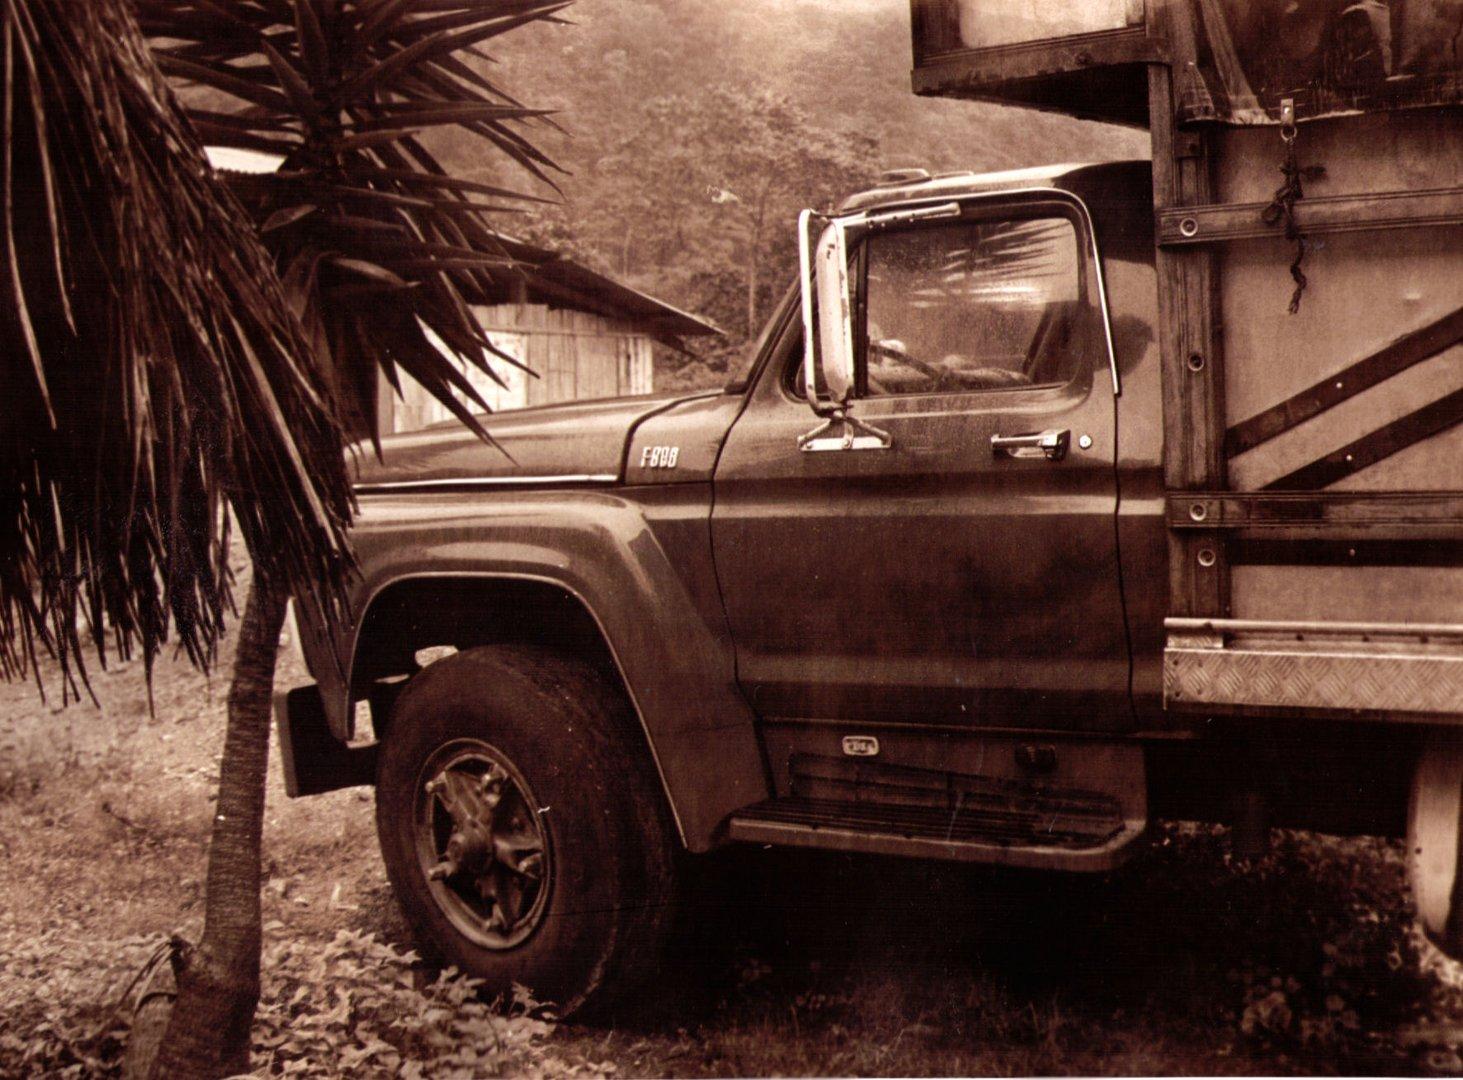 lastwagen im dschungel